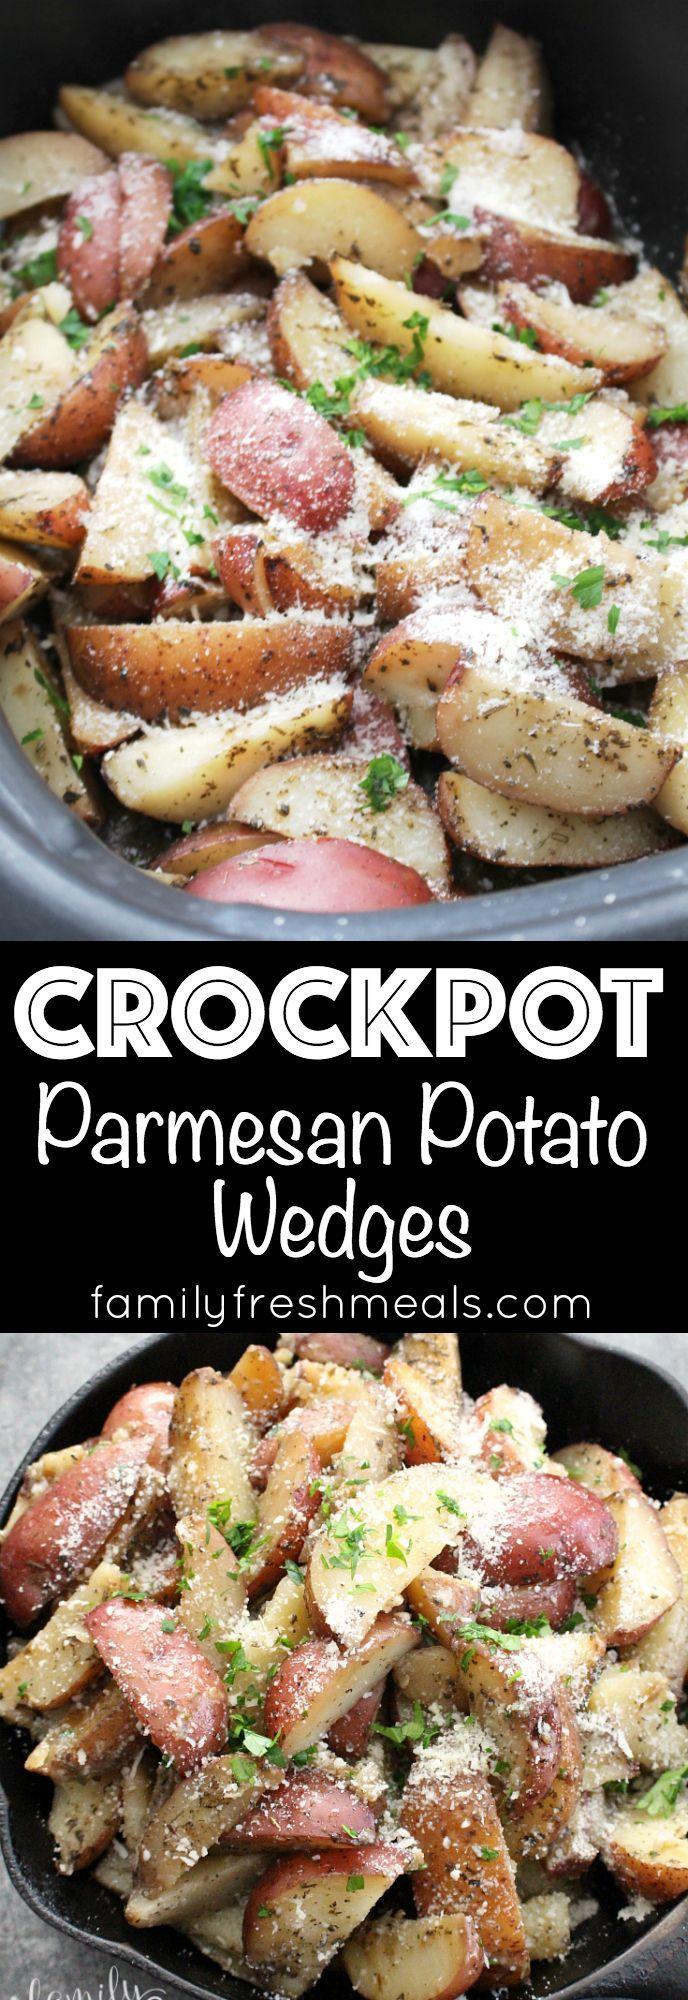 crockpot parmesan potato wedges rezept crock pot essen kochen essen und trinken und lecker. Black Bedroom Furniture Sets. Home Design Ideas